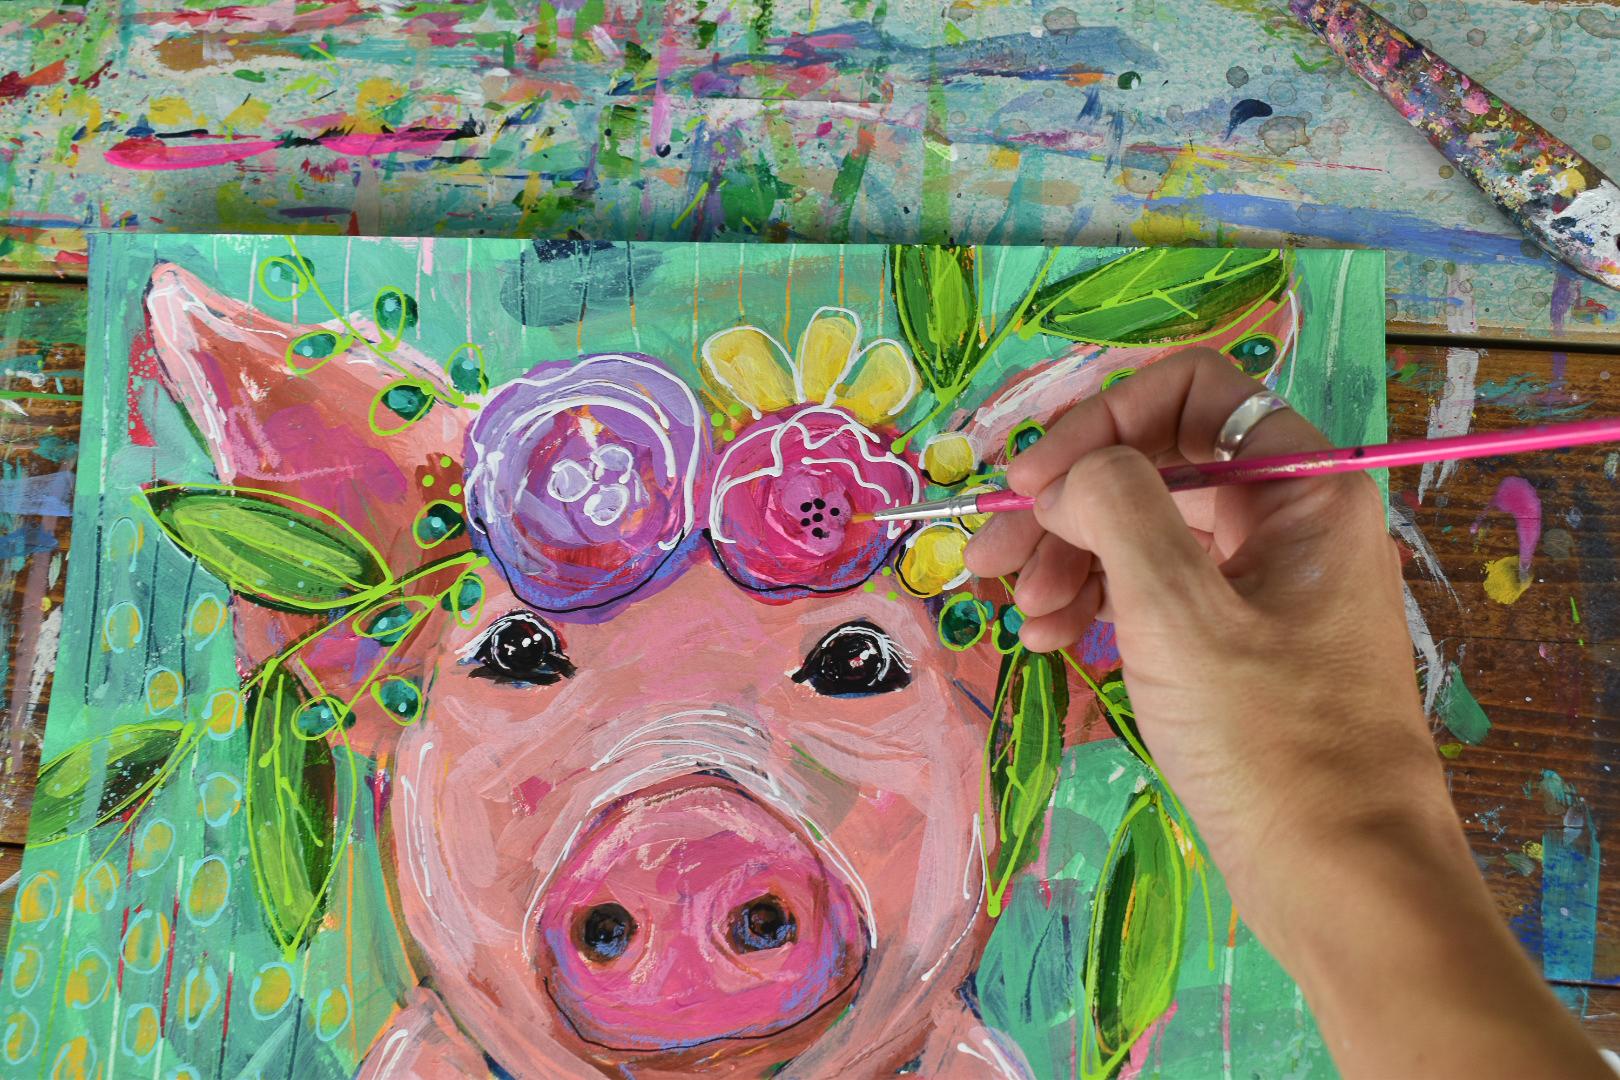 boho_pig_flowercrown_painting_5.jpg